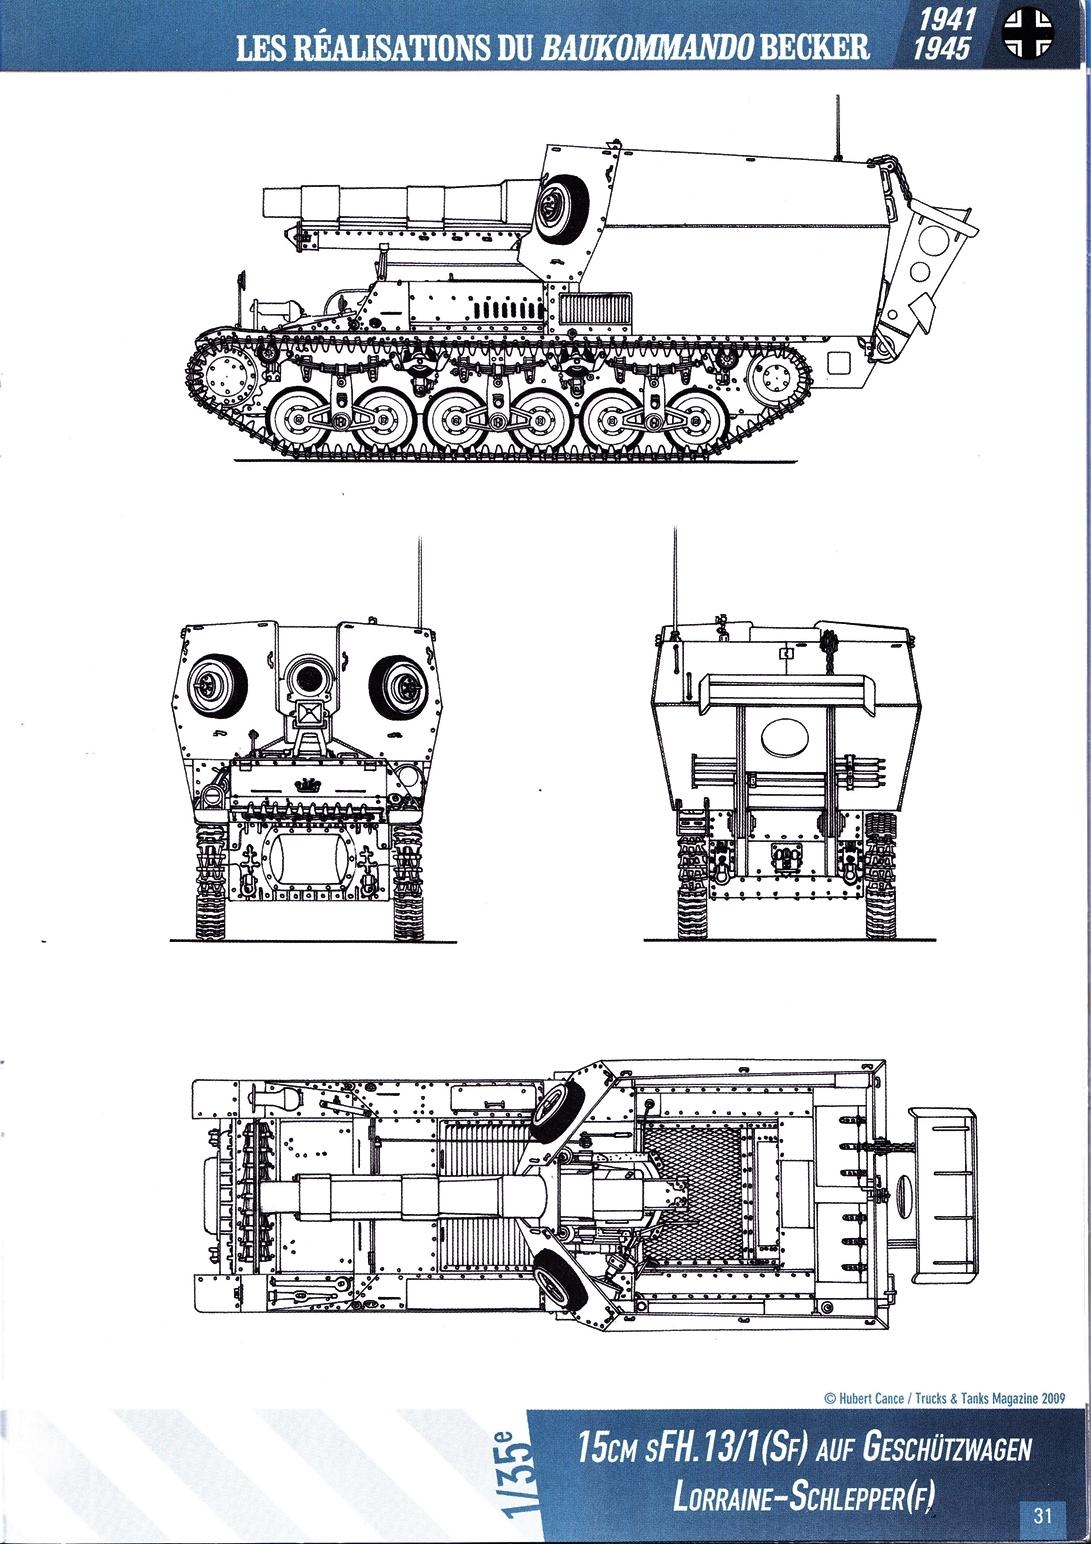 15 cm sFH.13/1 auf Geschutzwagen Lorraine-Schlepper Sd.Kfz. 135/1   RPM 1/35 ème  190210105047329745